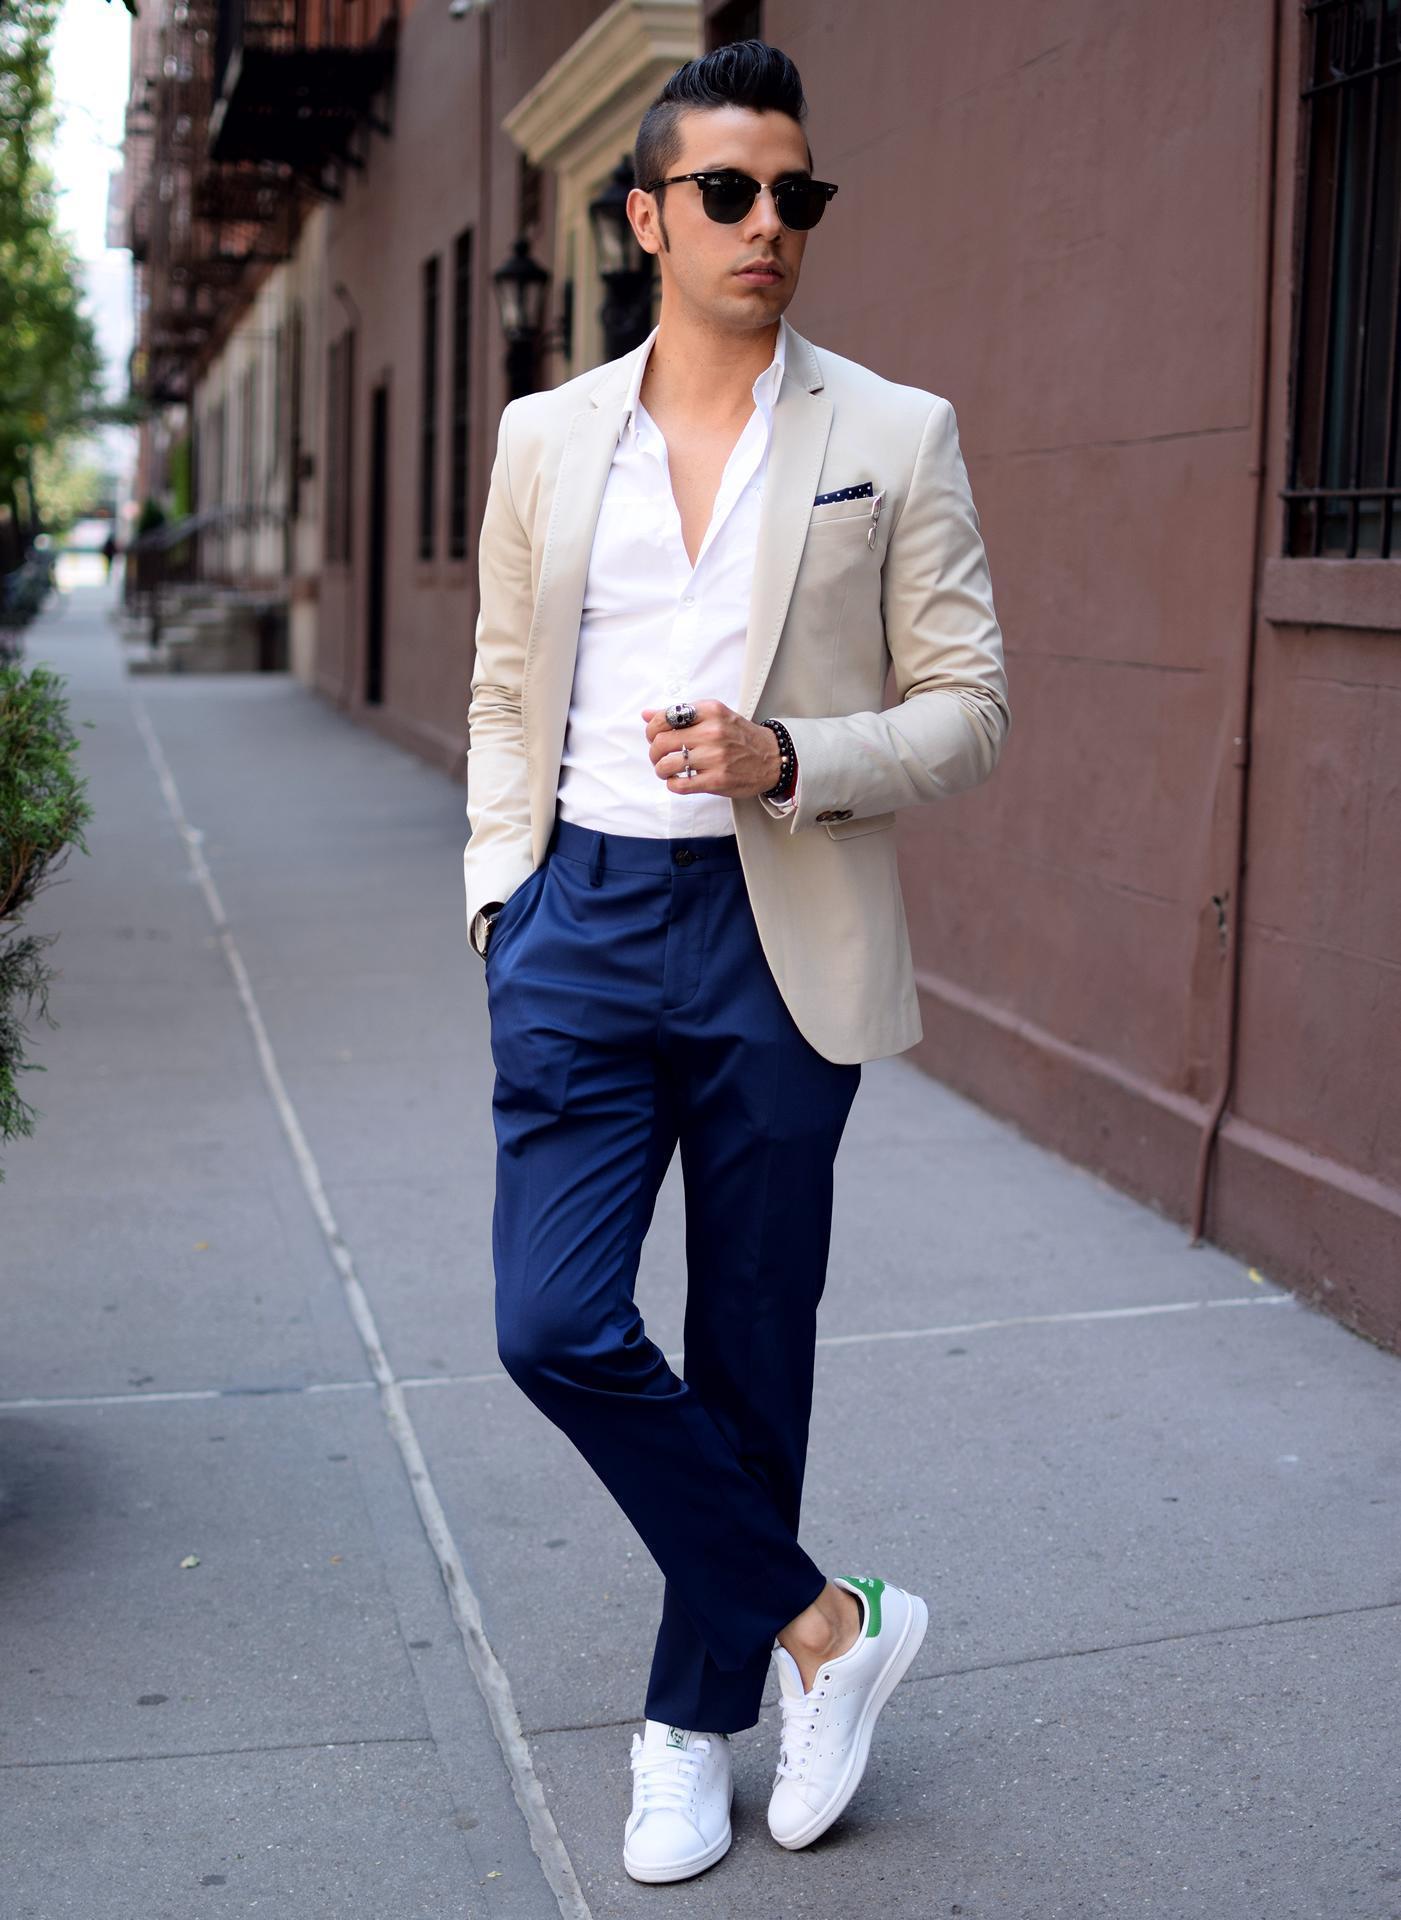 moda converse blancas hombre